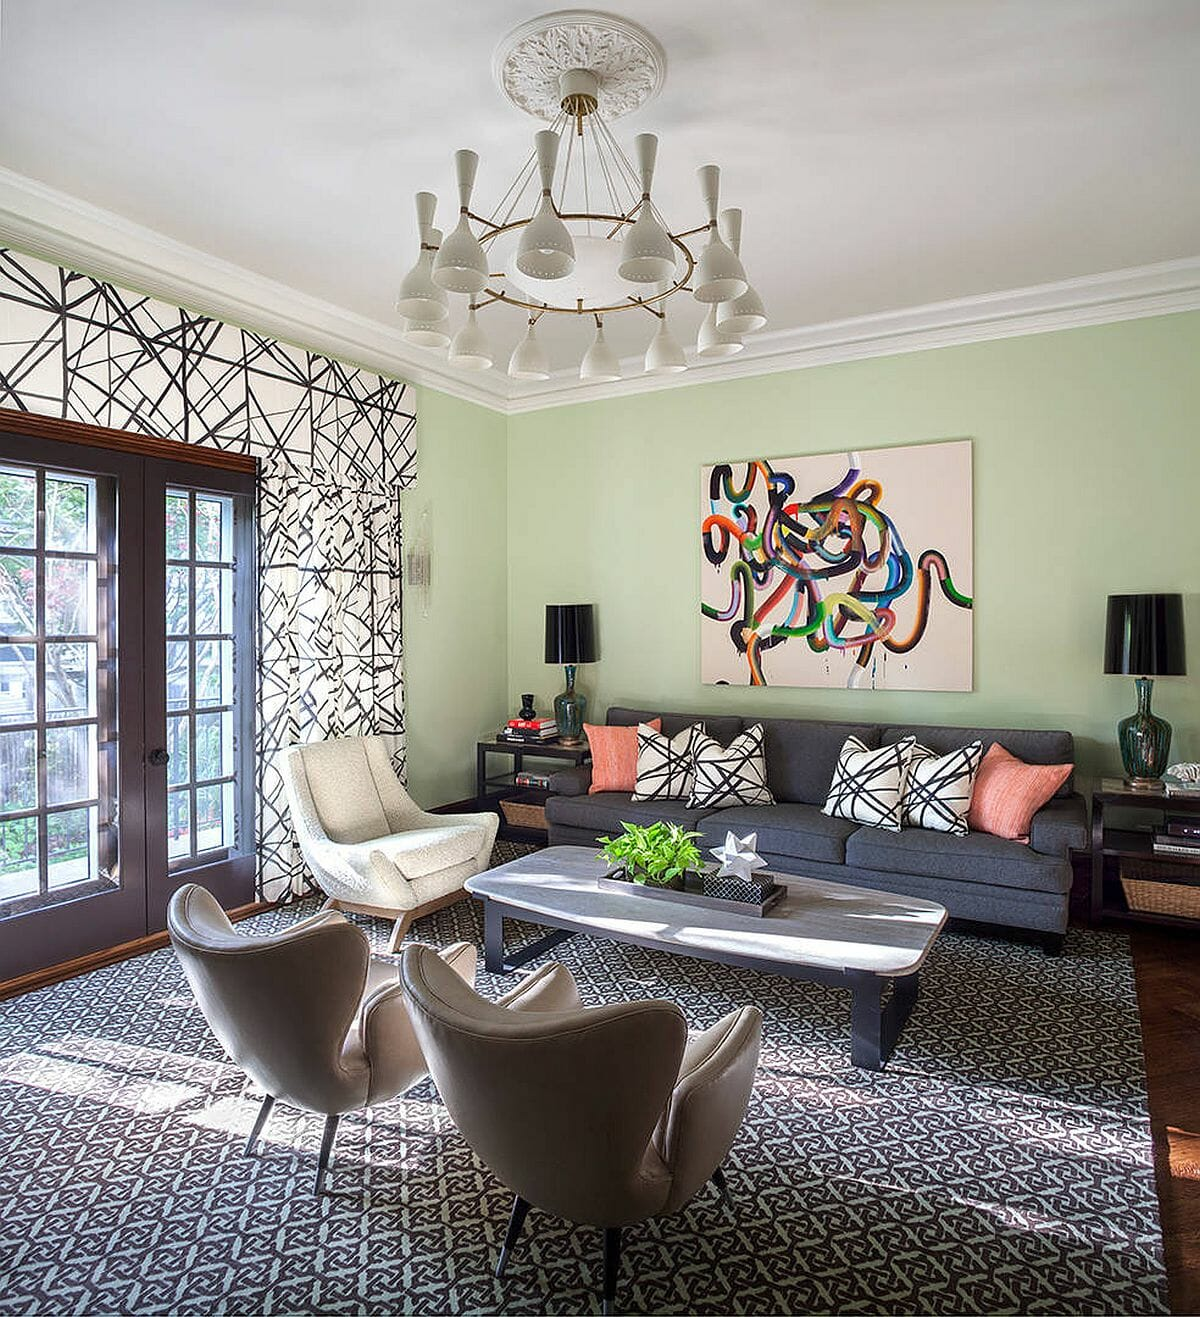 hình ảnh toàn cảnh phòng khách hiện đại, thoáng sáng với điểm nhấn là bức tường màu xanh bạc hà, tranh treo tường trừu tượng